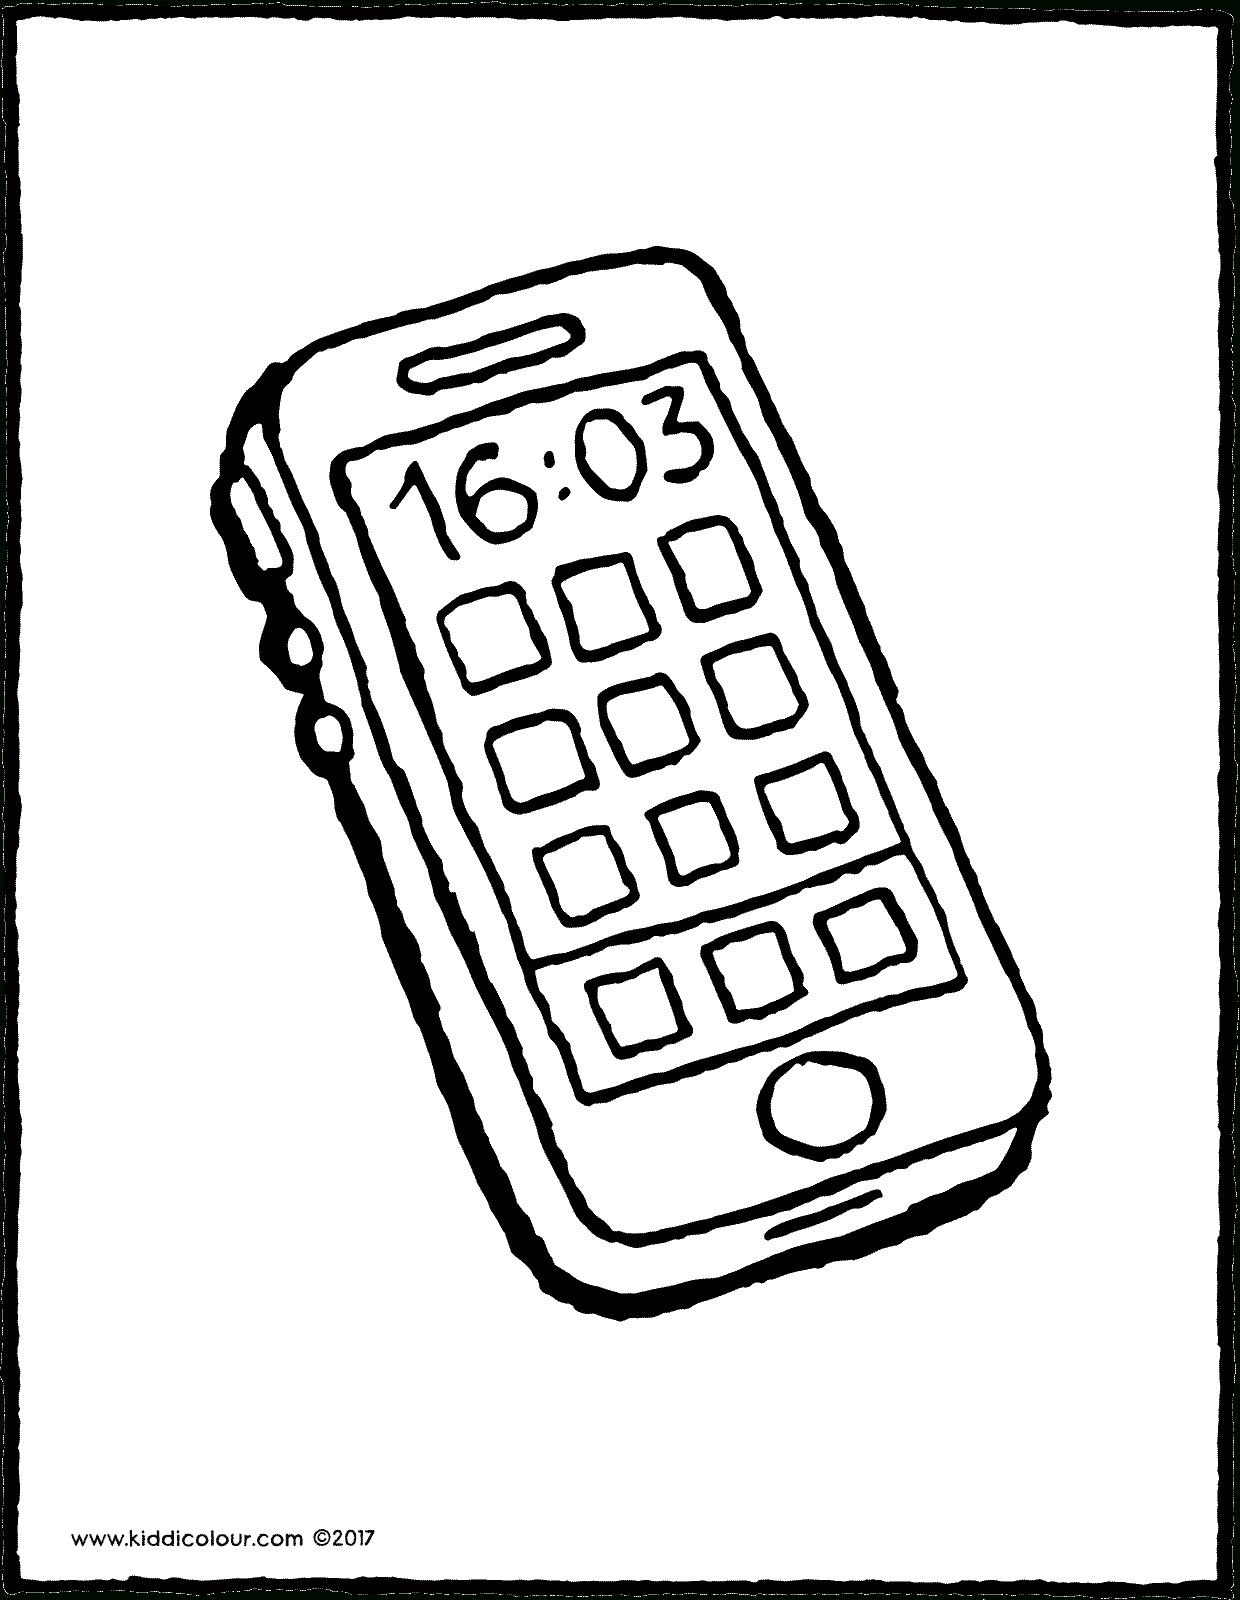 Téléphone Portable - Kiddicoloriage à Dessin À Colorier Sur L Ordinateur